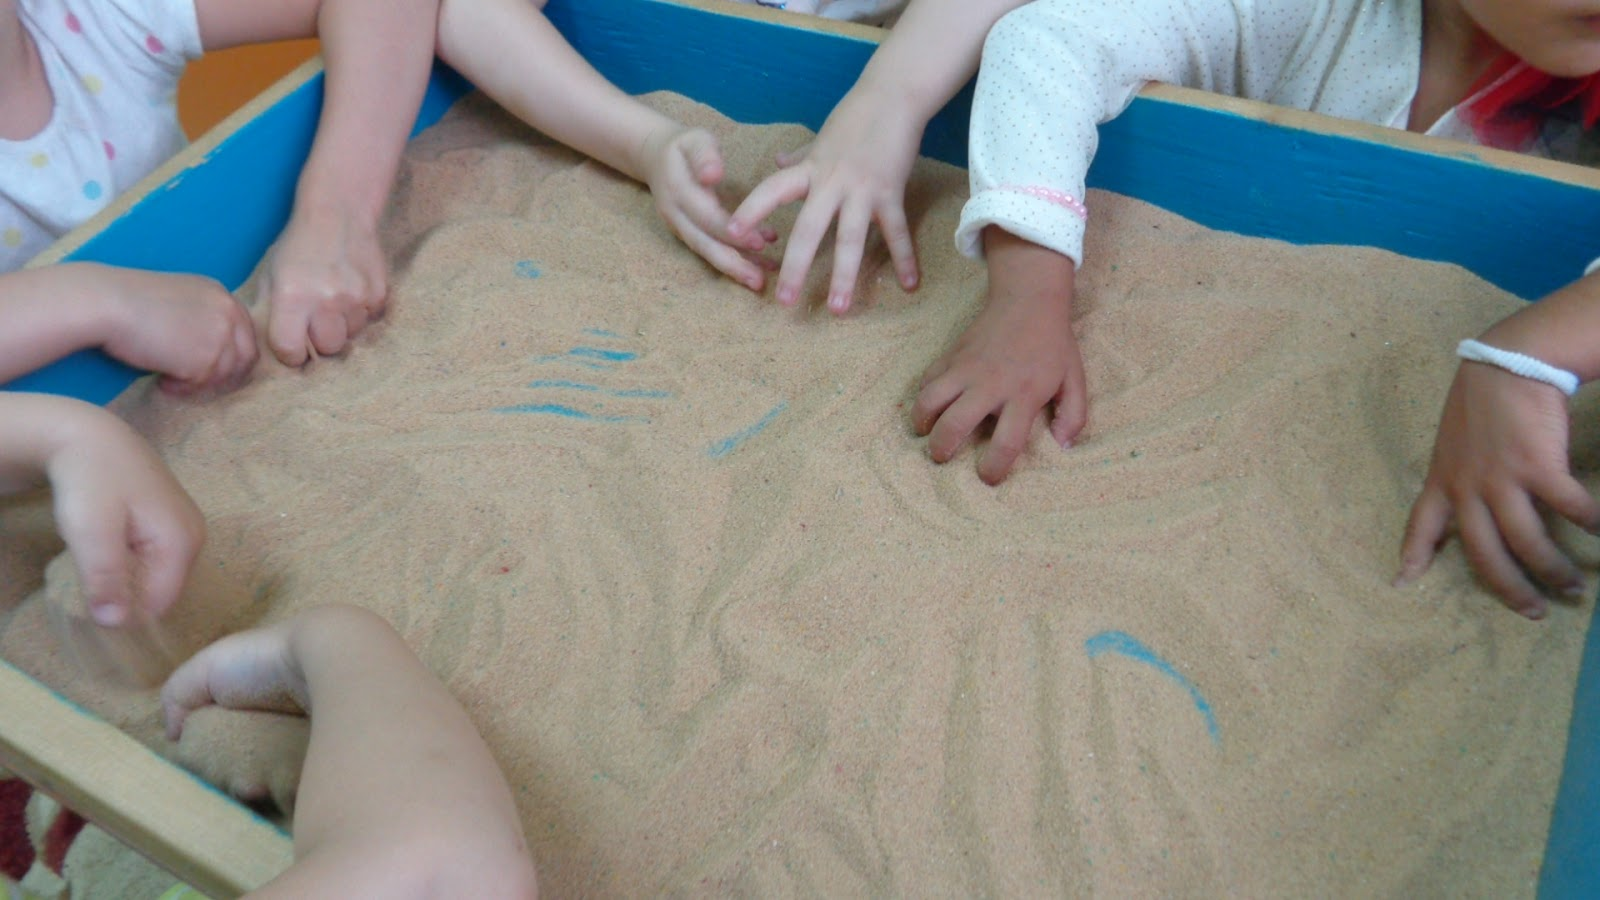 Конспект занятия по песочной арт-терапии. воспитателям детских садов, школьным учителям и педагогам - маам.ру